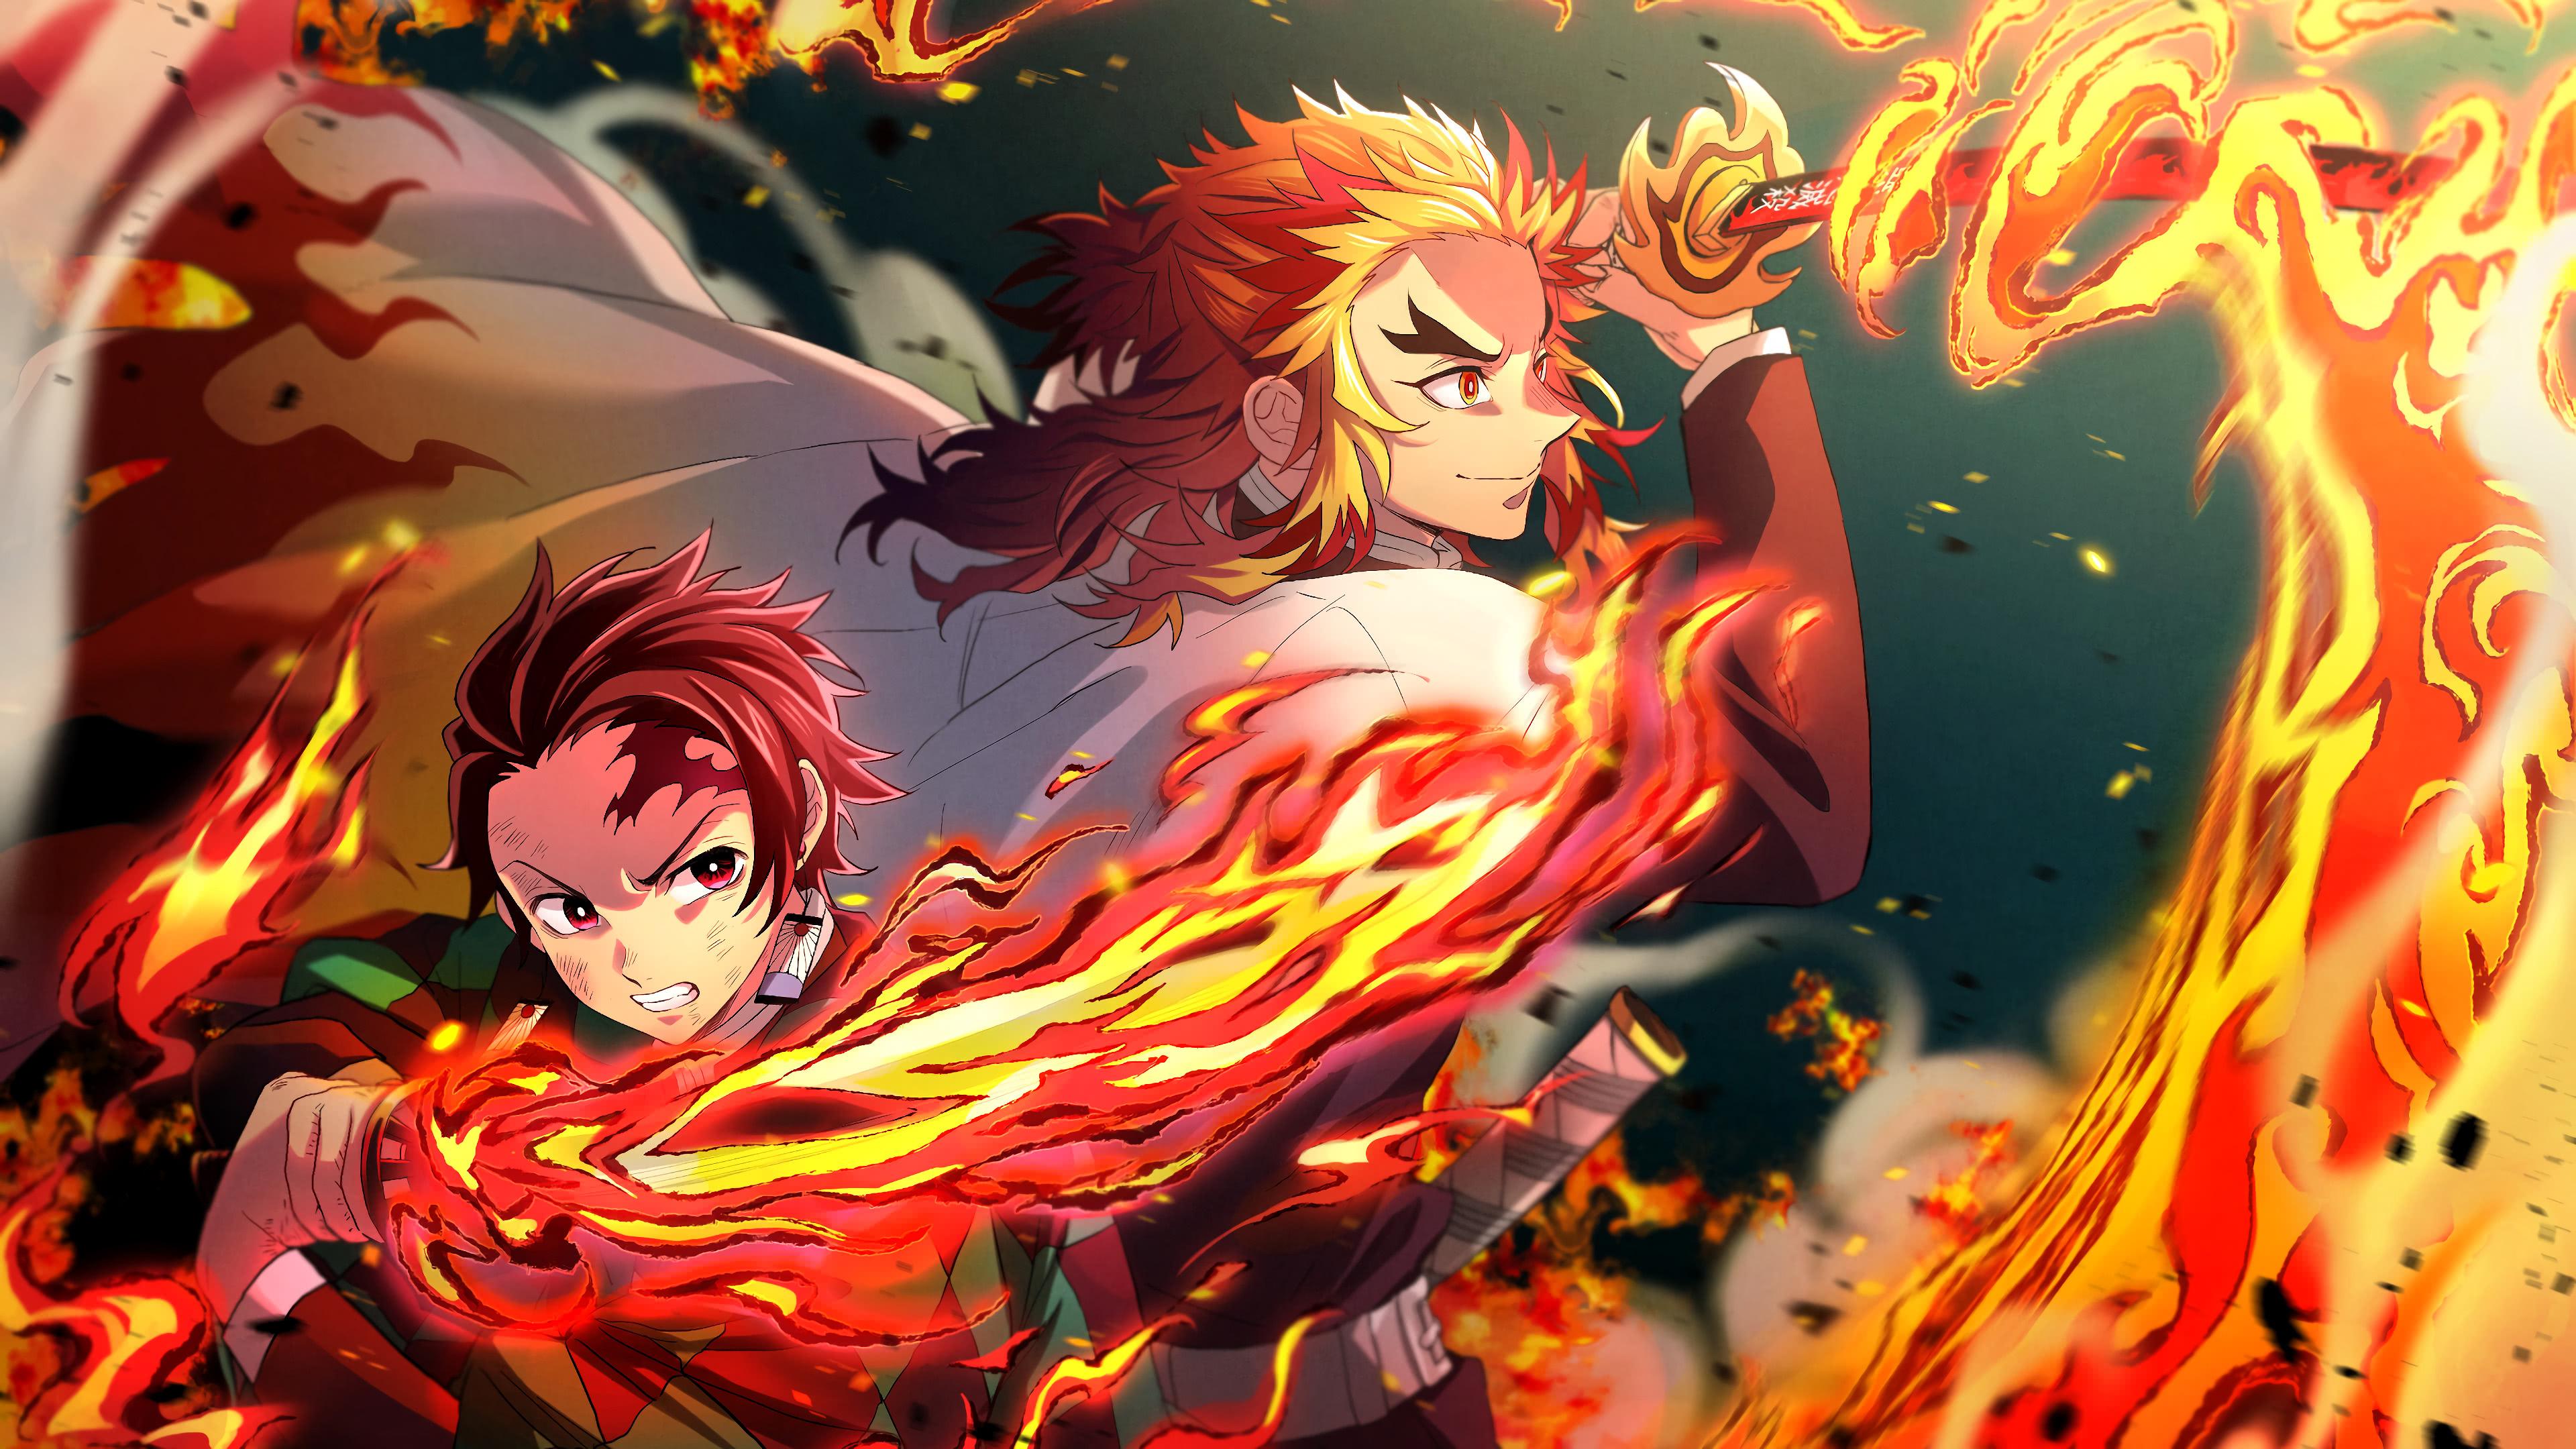 Kimetsu No Yaiba Tanjiro Kamado And Kyojuro Rengoku Flames Katana